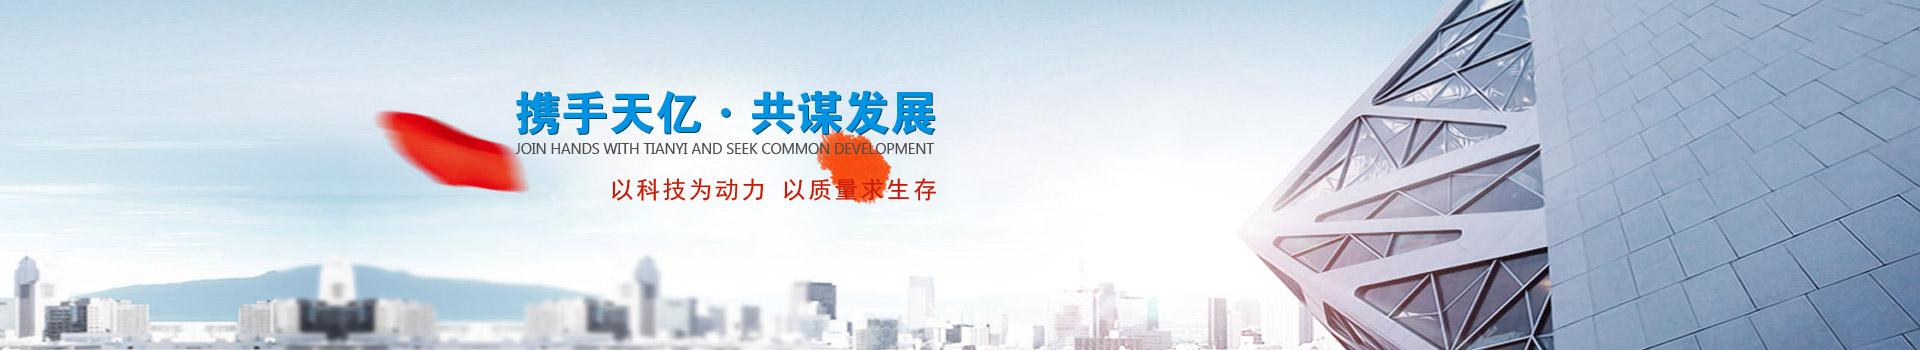 河南天亿环保科技有限公司